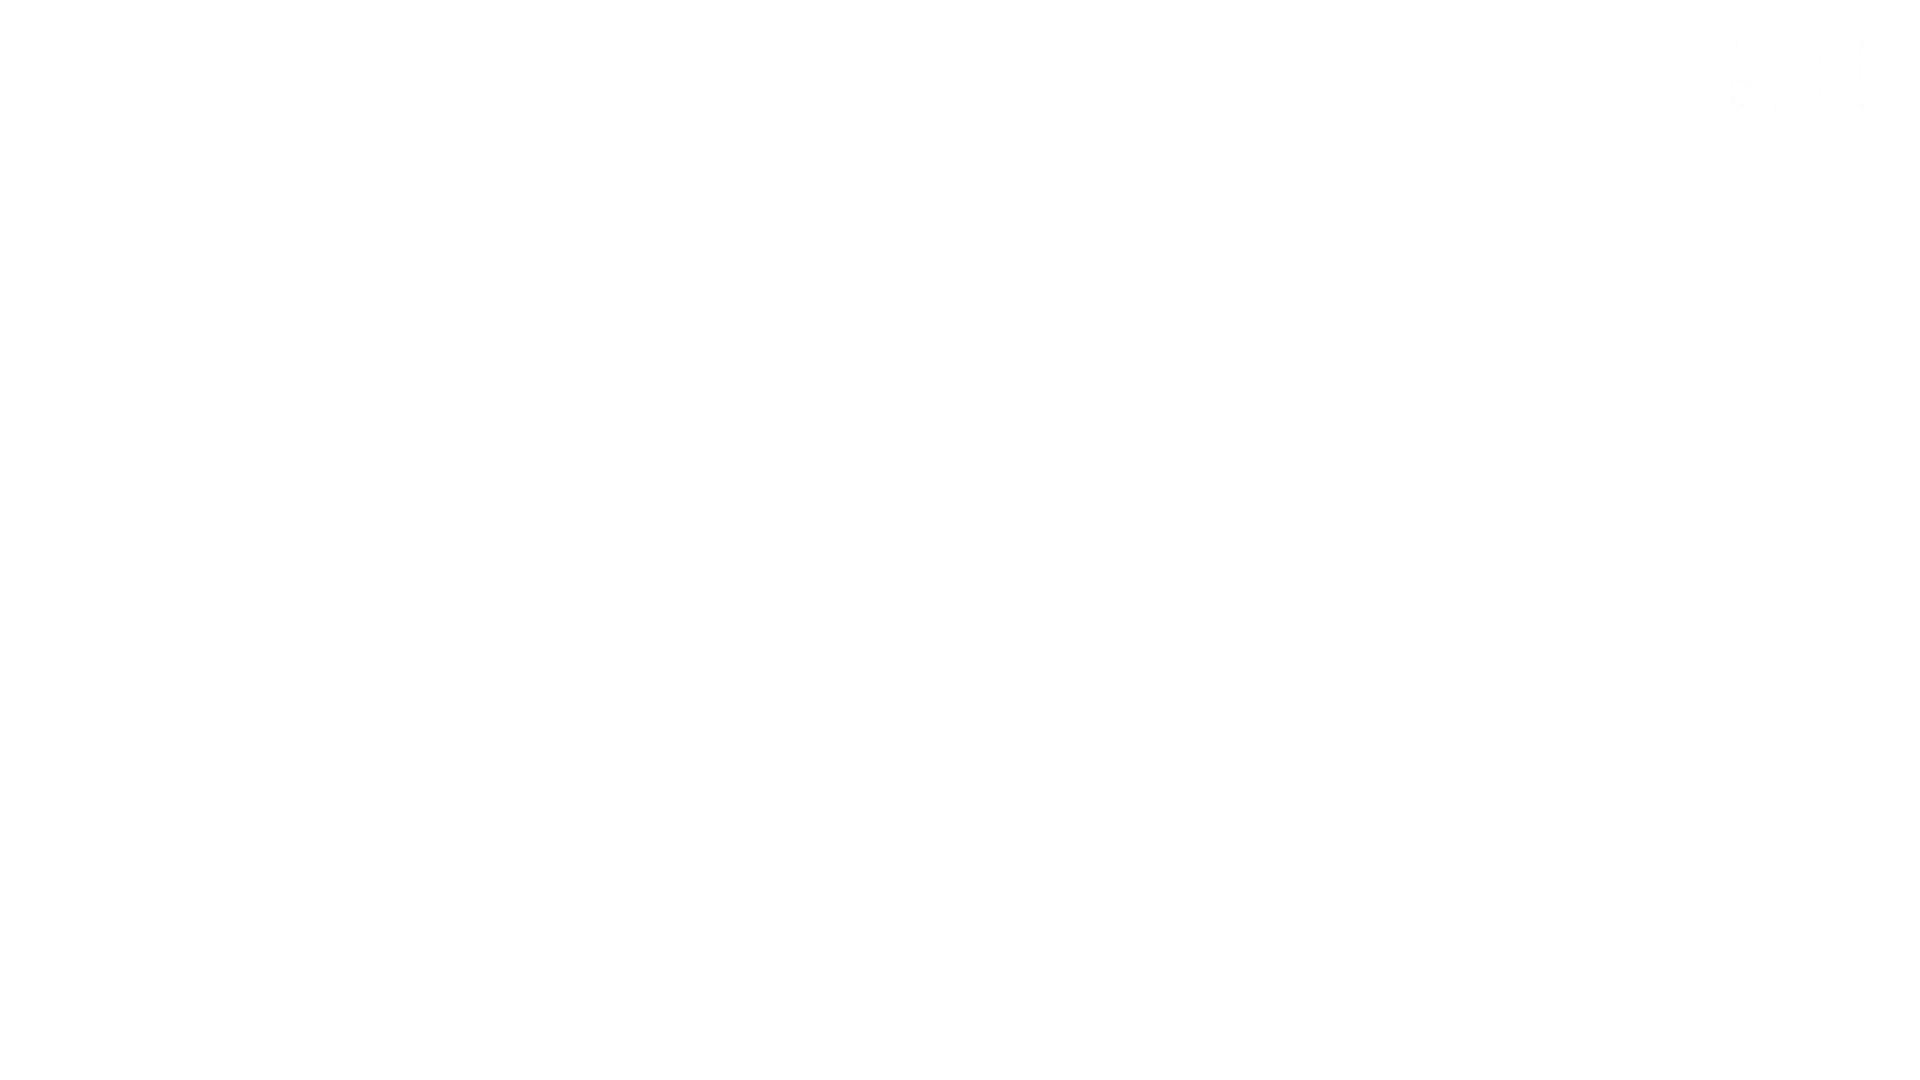 至高下半身盗撮-PREMIUM-【院内病棟編 】 vol.01 盗撮 | OLセックス  59画像 26